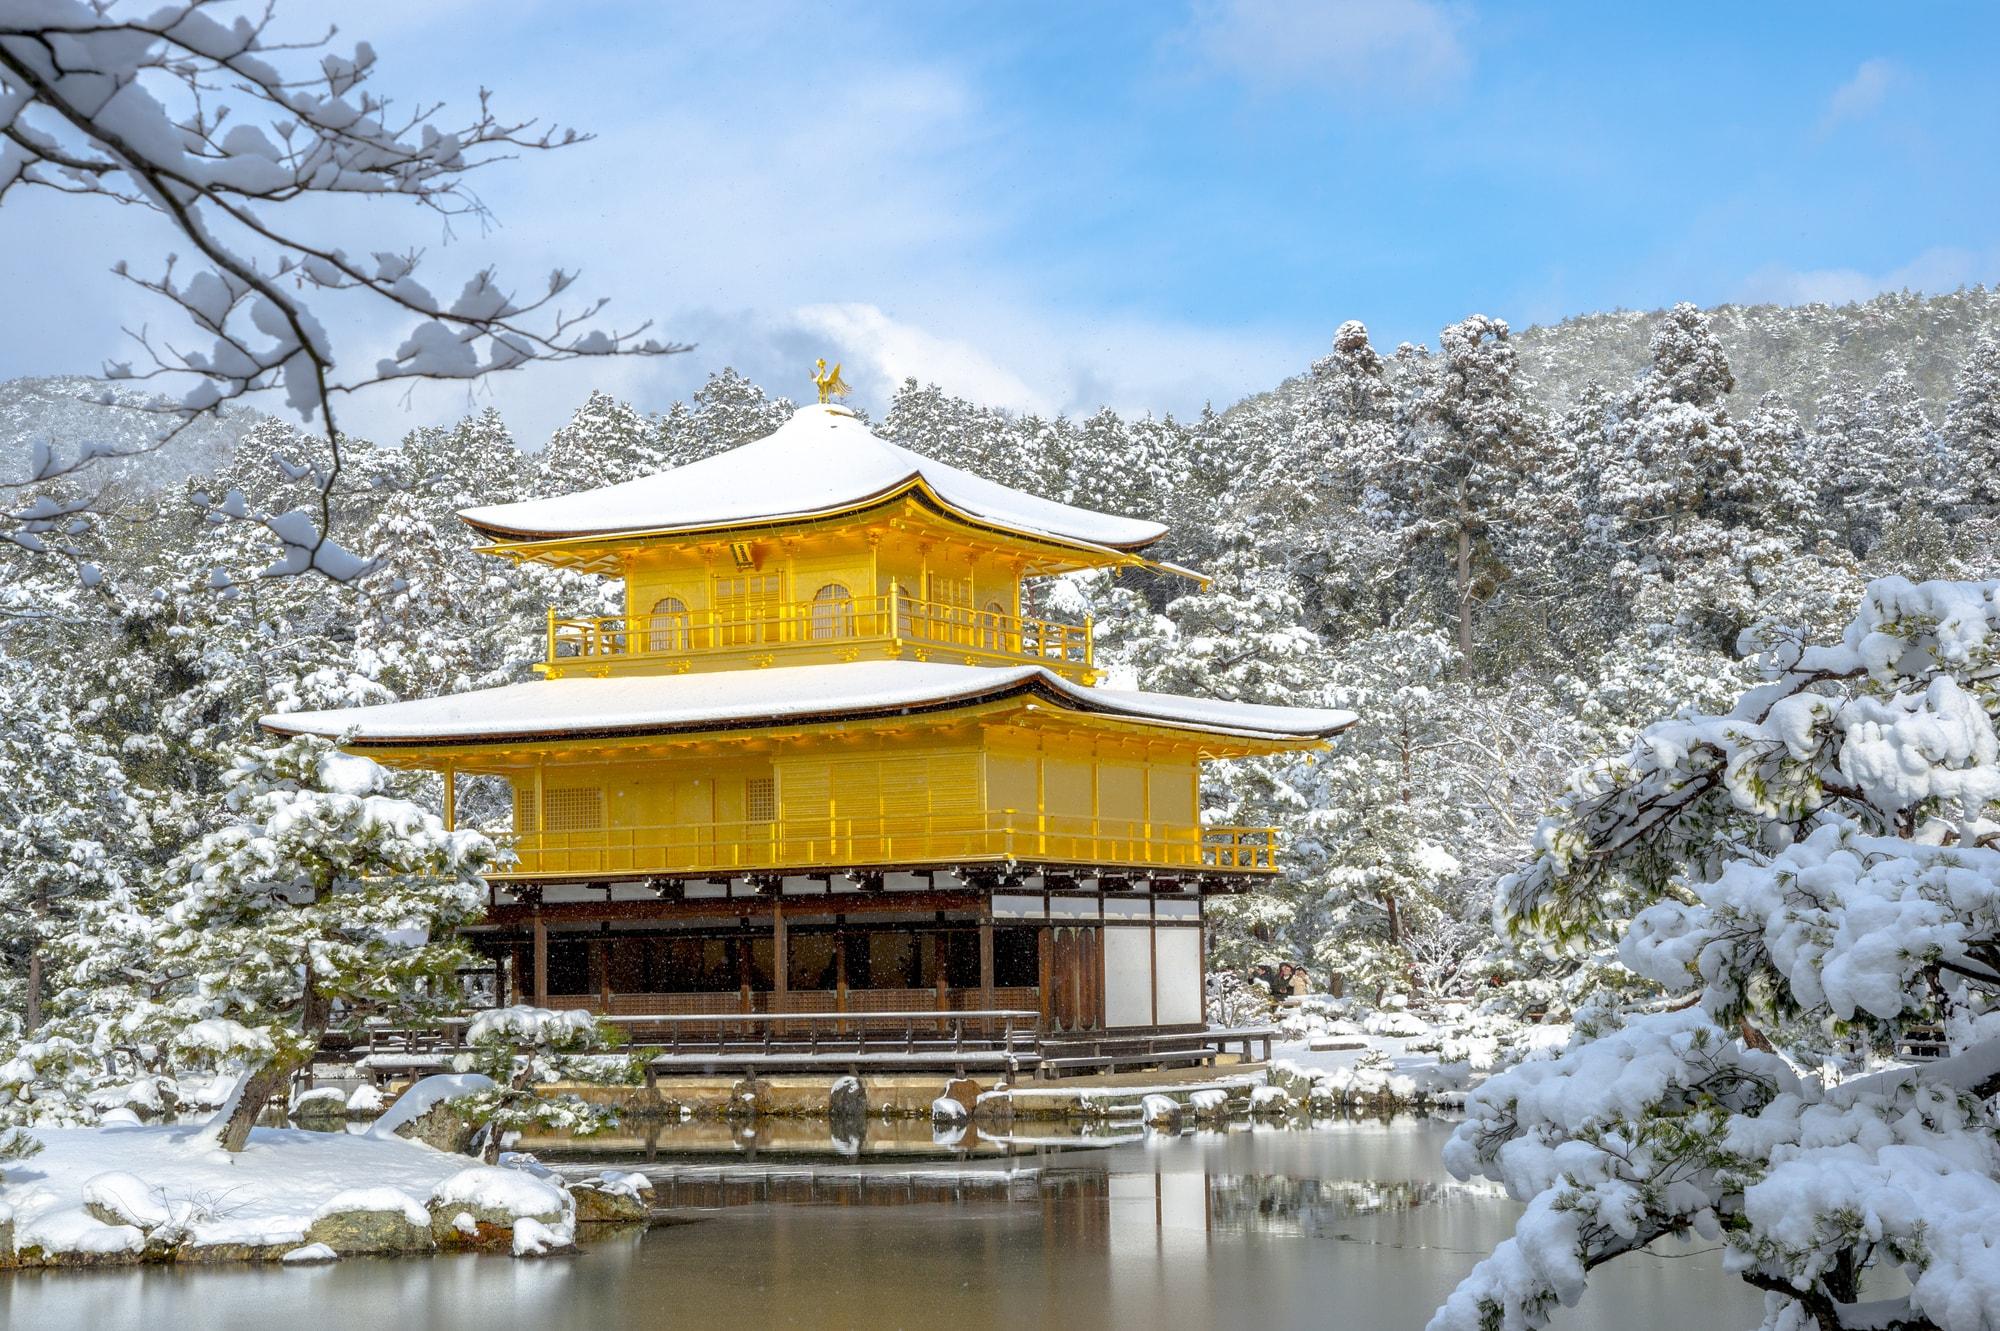 ゆこたびで紹介する冬の金閣寺